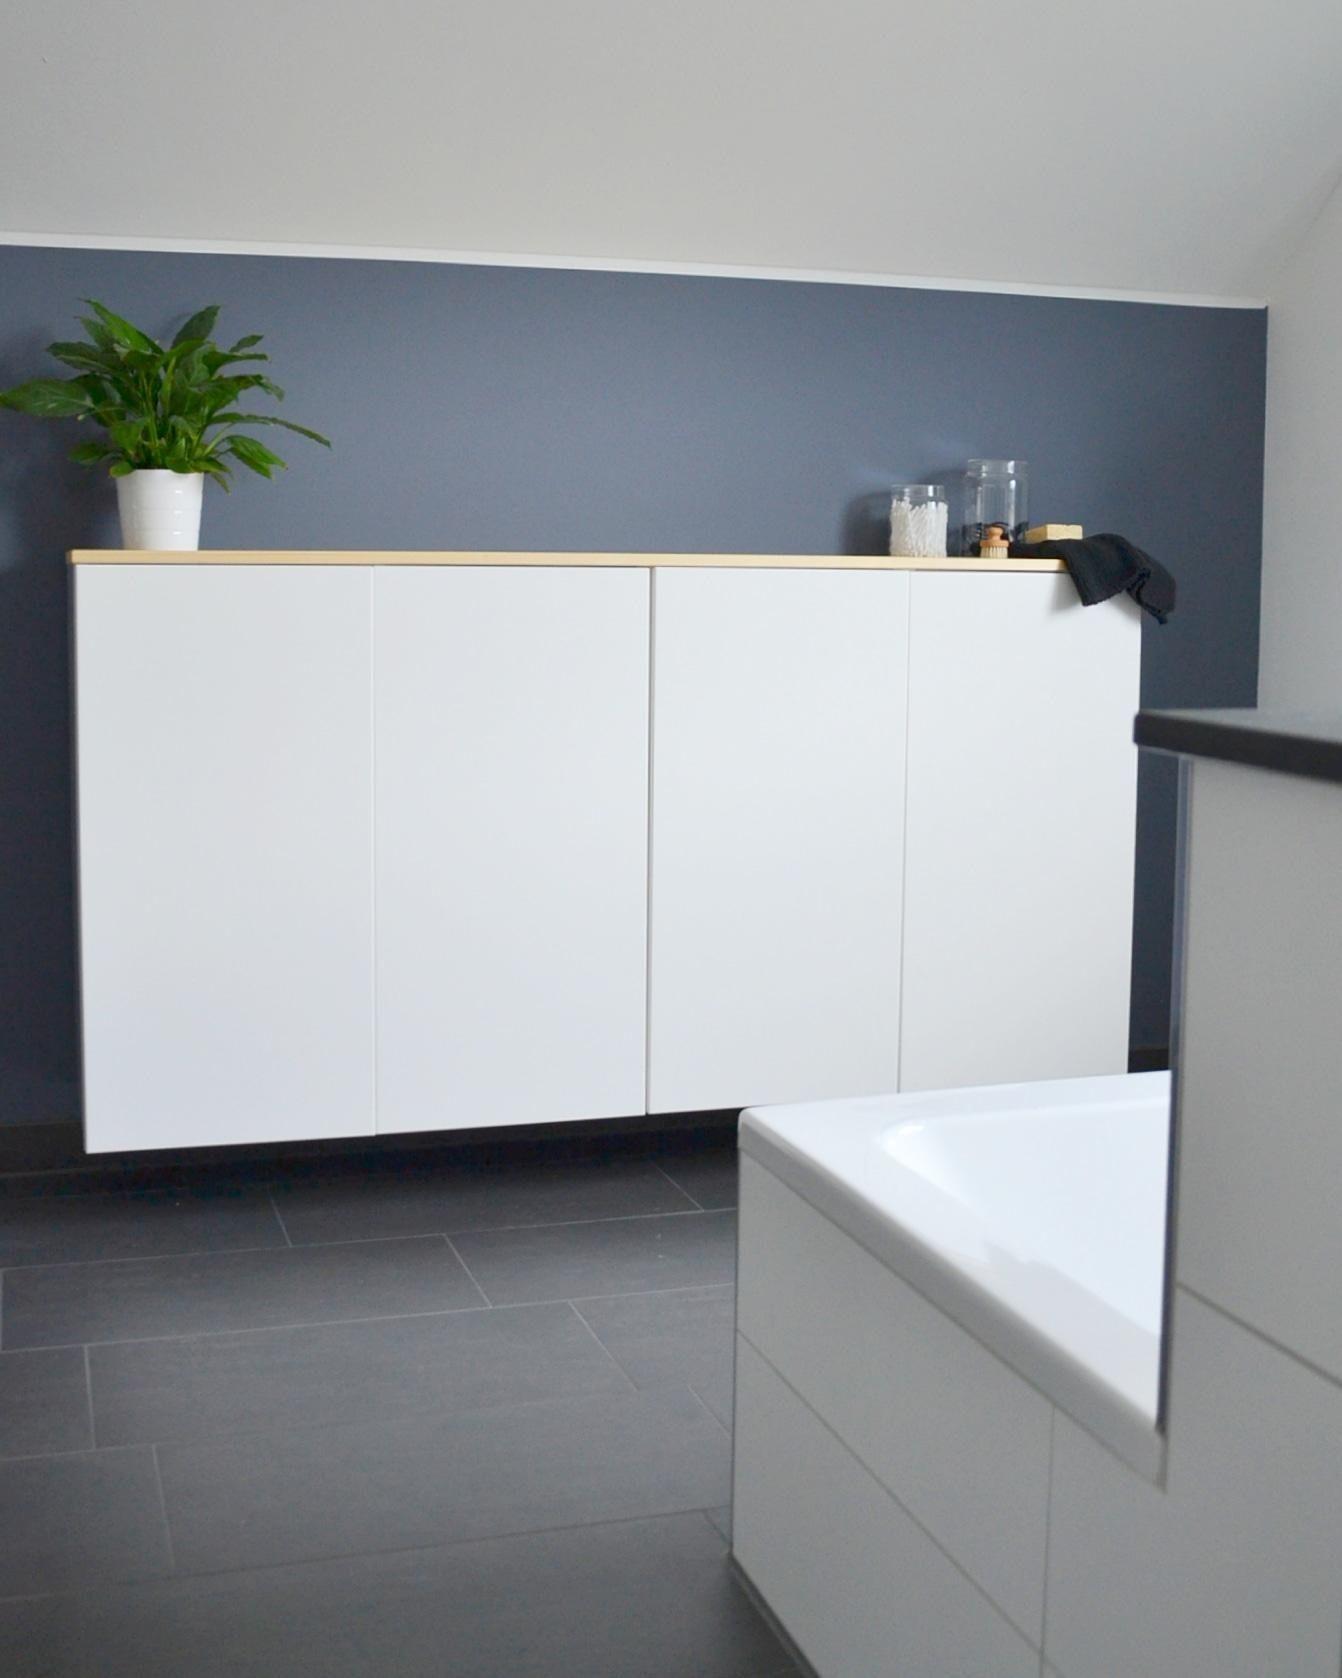 Ikea Kuchenschrank Umfunktioniert Zum Badschrank M Badezimmer Schrank Badezimmer Ikea Badschrank